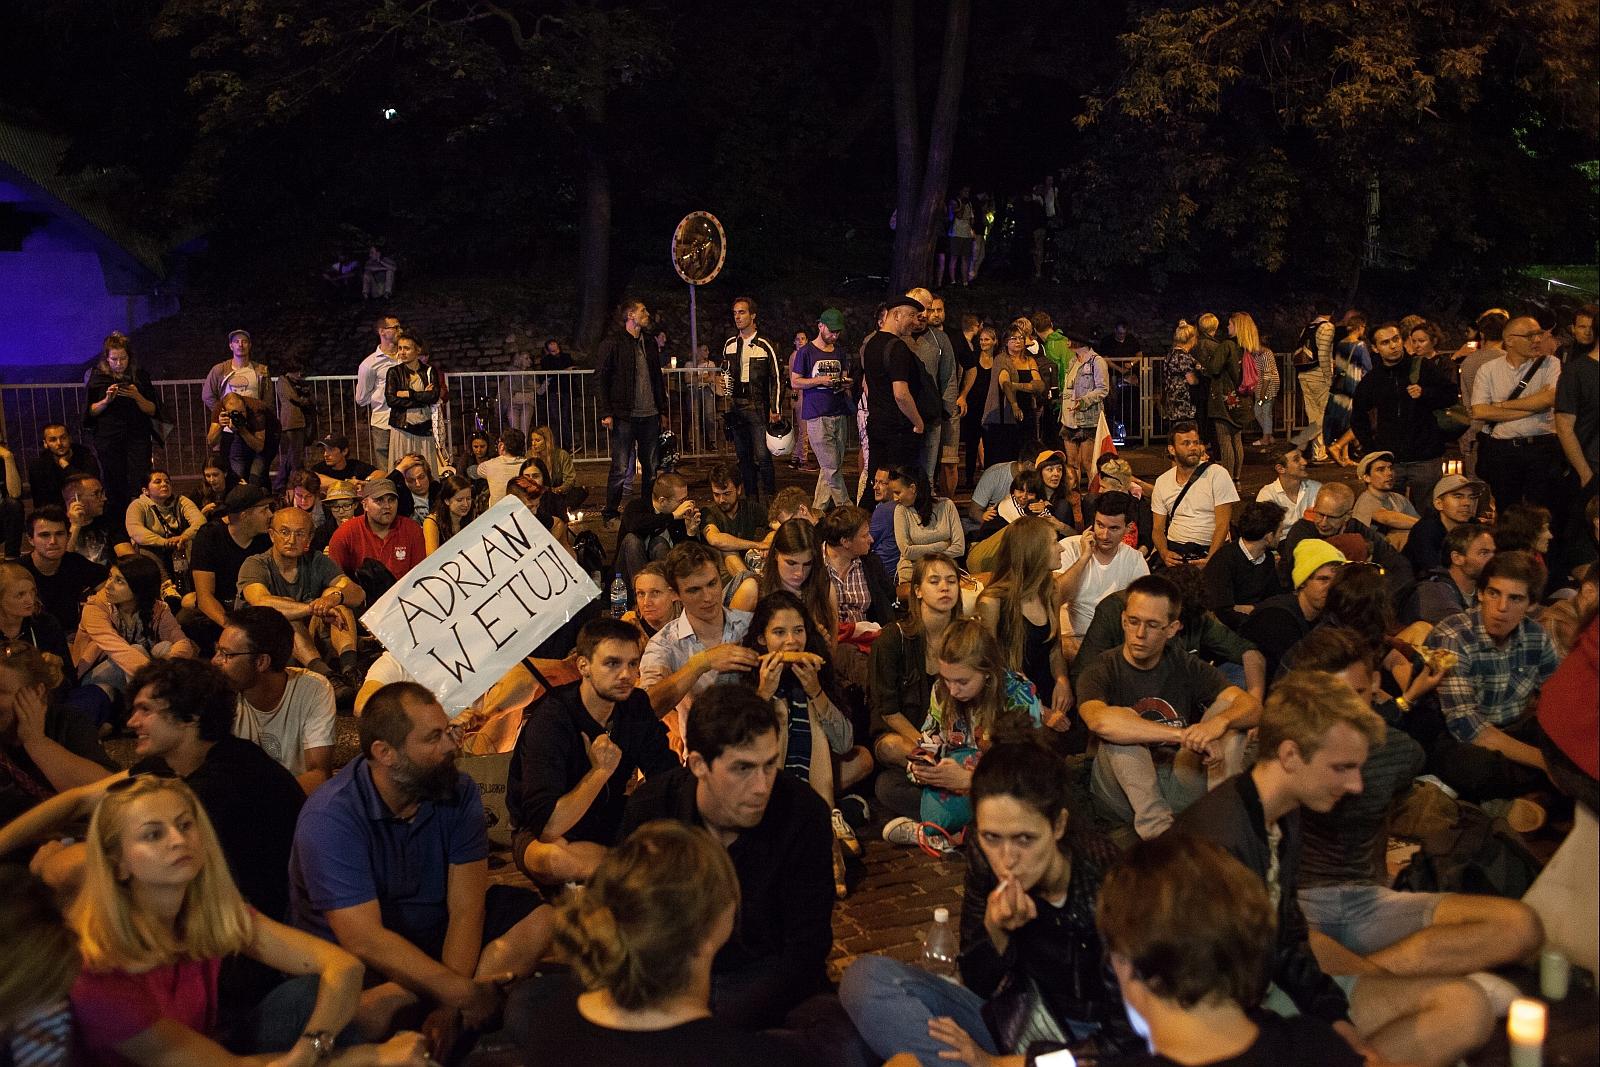 e20.07.2017 Warszawa  . Protest przeciwko zamachowi PiSna sady Fot. Dawid Zuchowicz / Agencja Gazeta